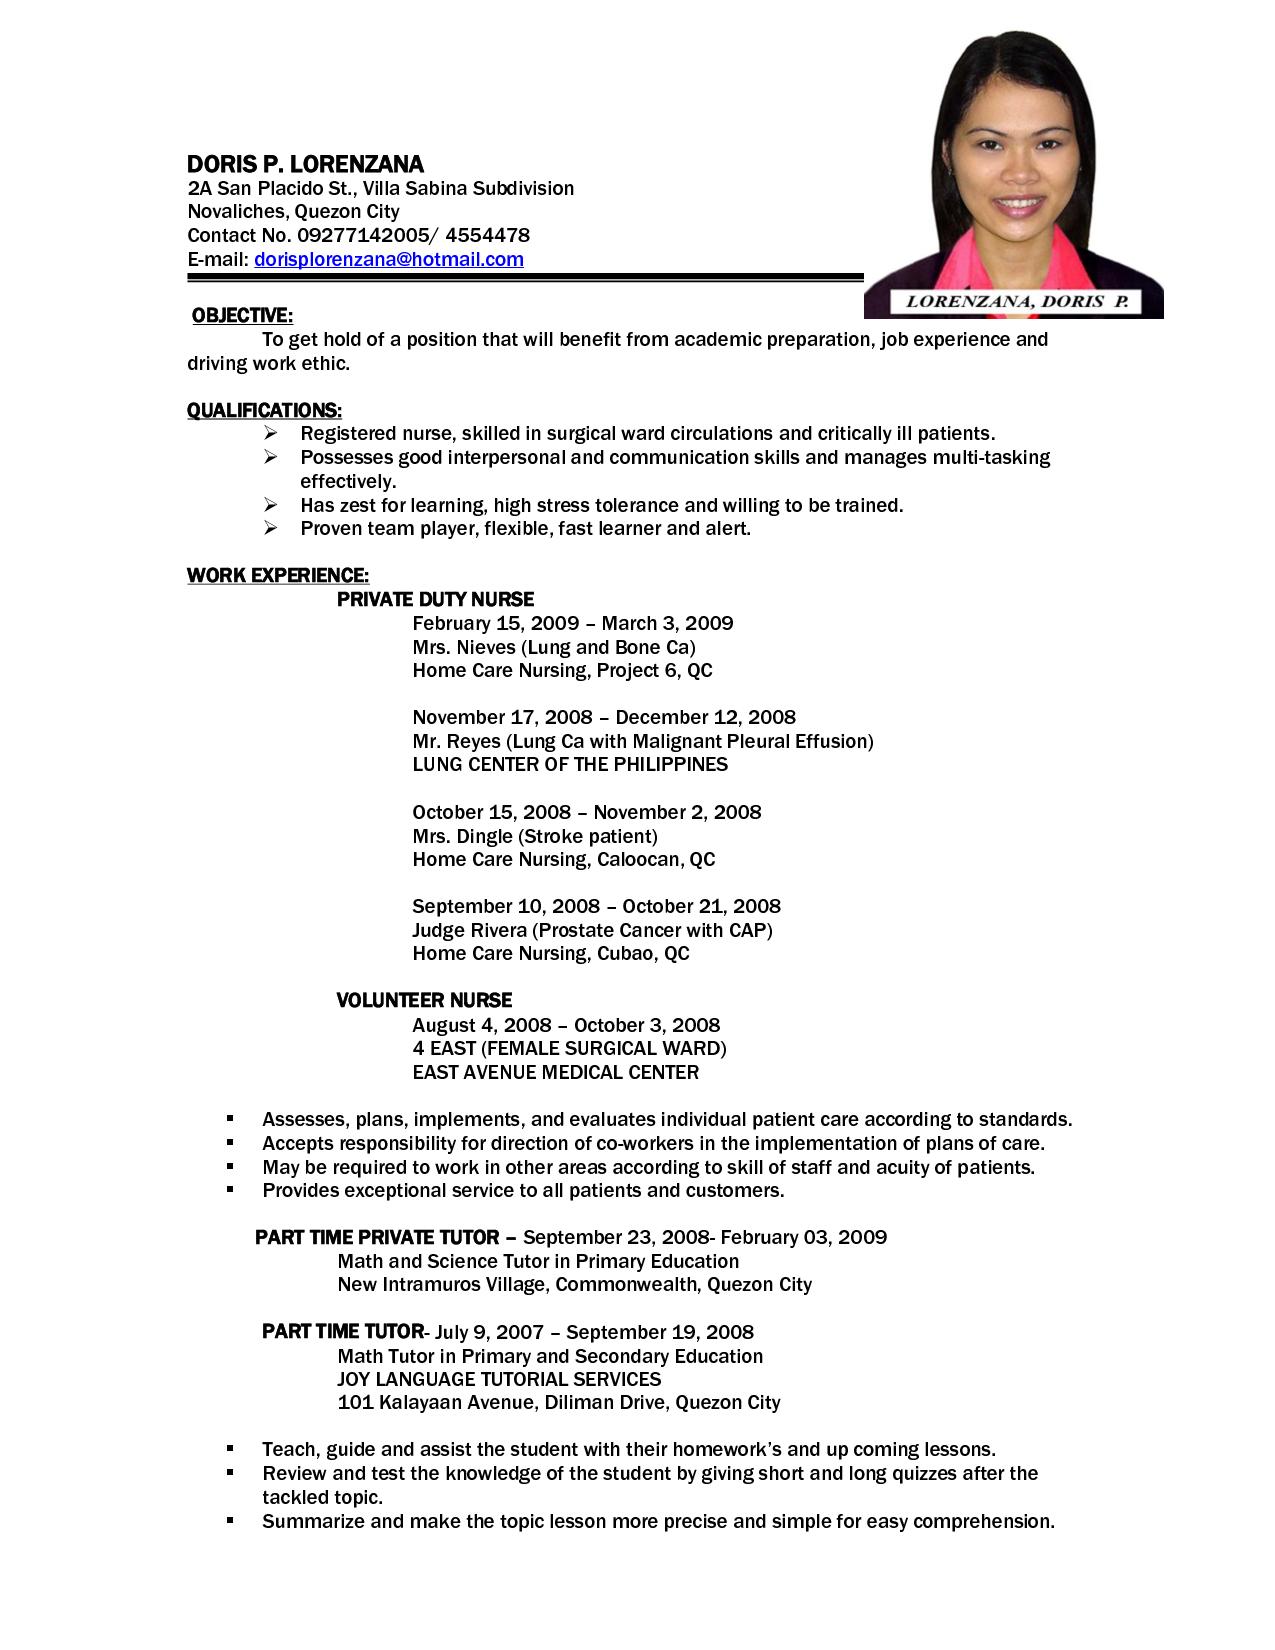 Sample Of Resume Dbo4asbr Png 1275 1650 Job Resume Samples Jobs For Teachers Job Resume